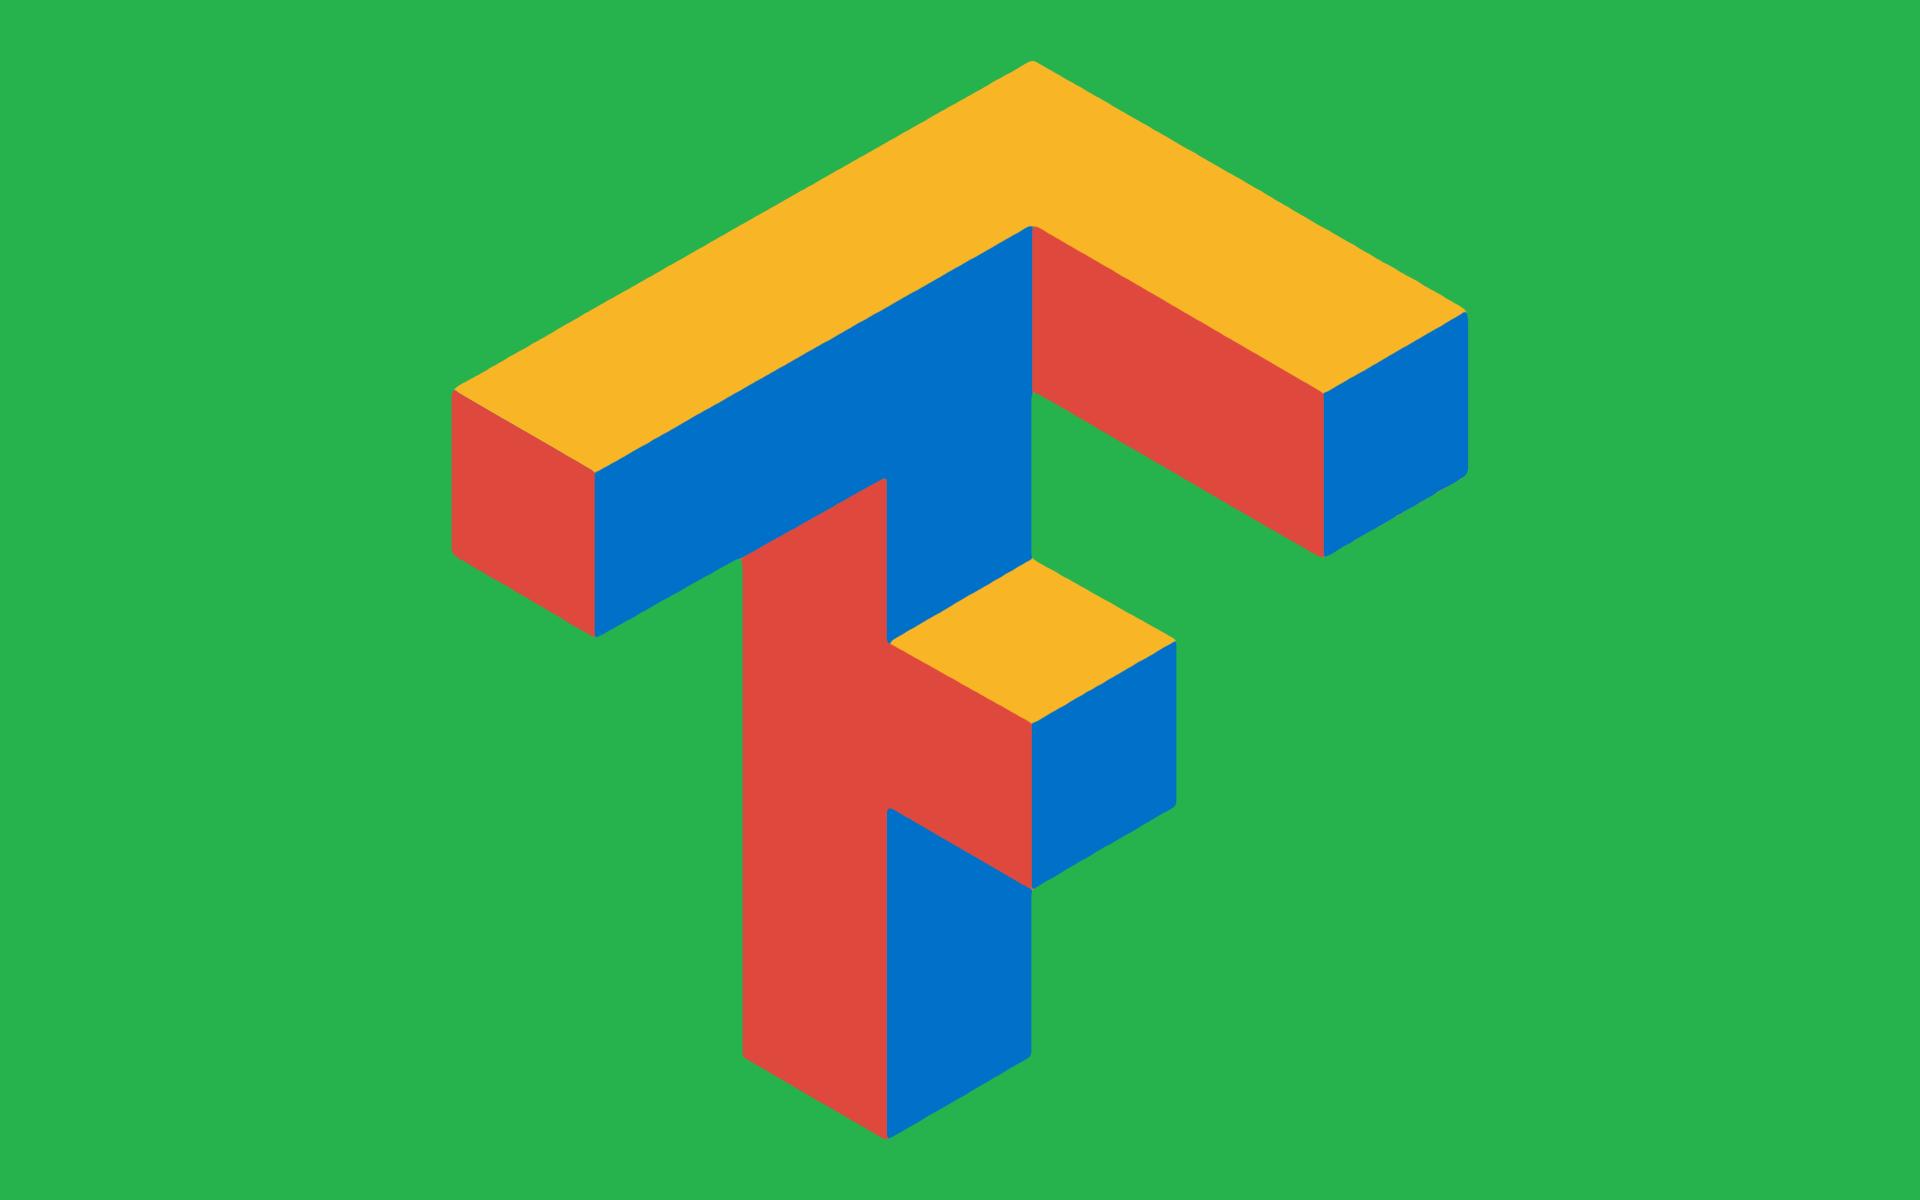 谷歌正式发布TensorFlow 1.5:终于支持CUDA 9和cuDNN 7